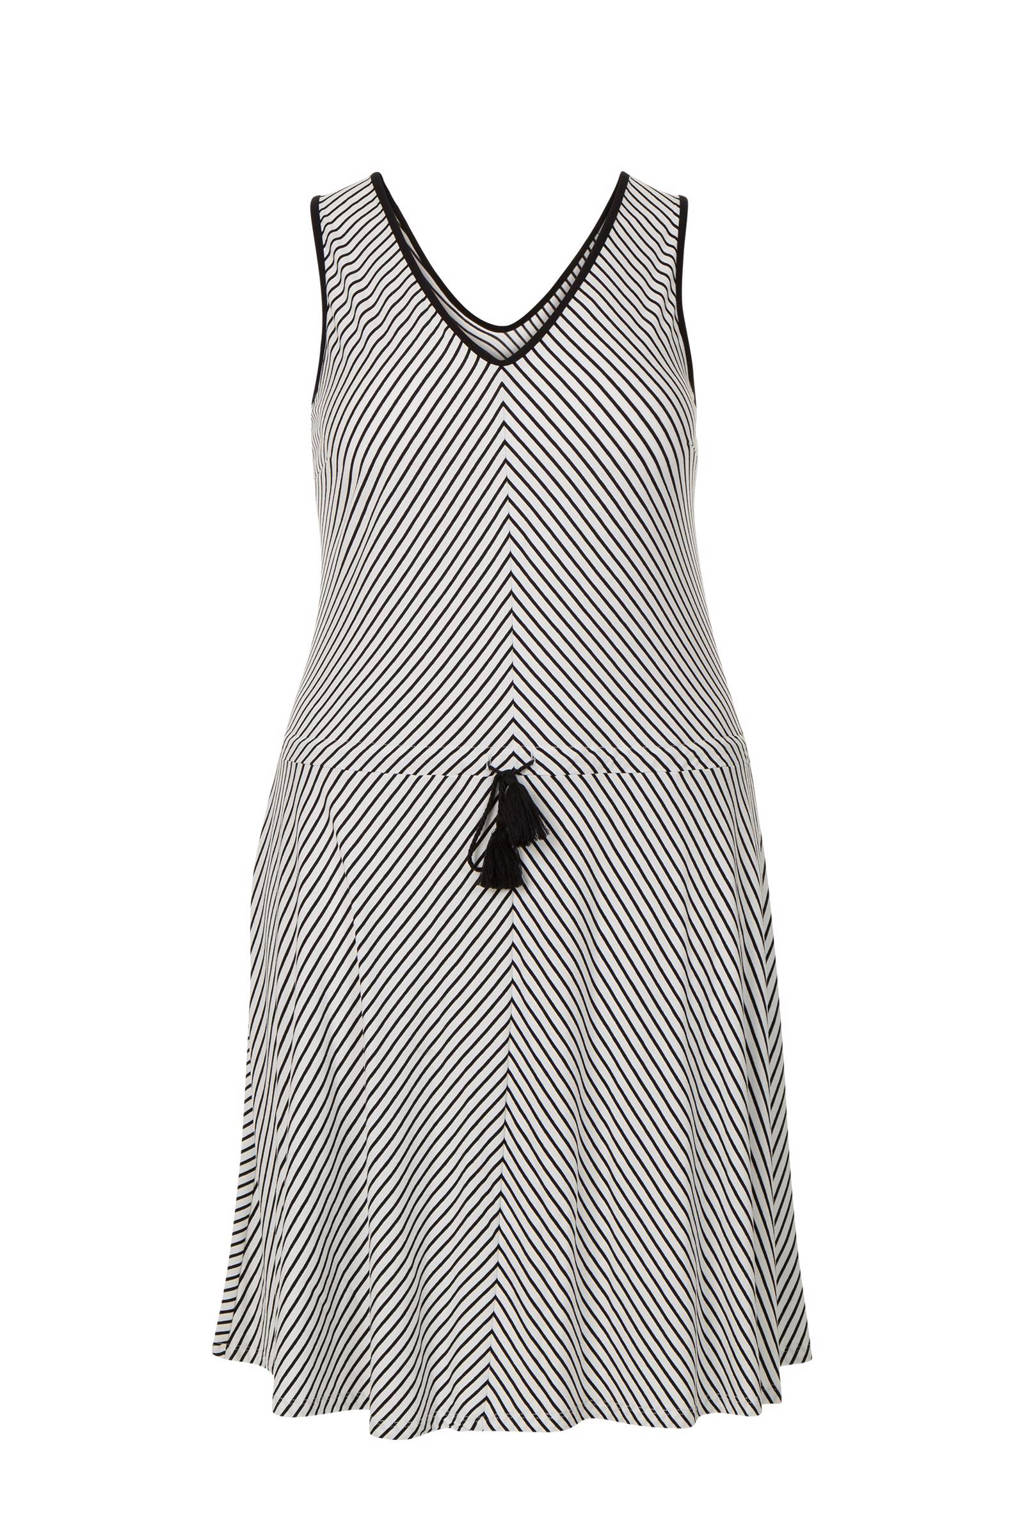 Miss Etam Plus gestreepte mouwloze jurk, Zwart/wit